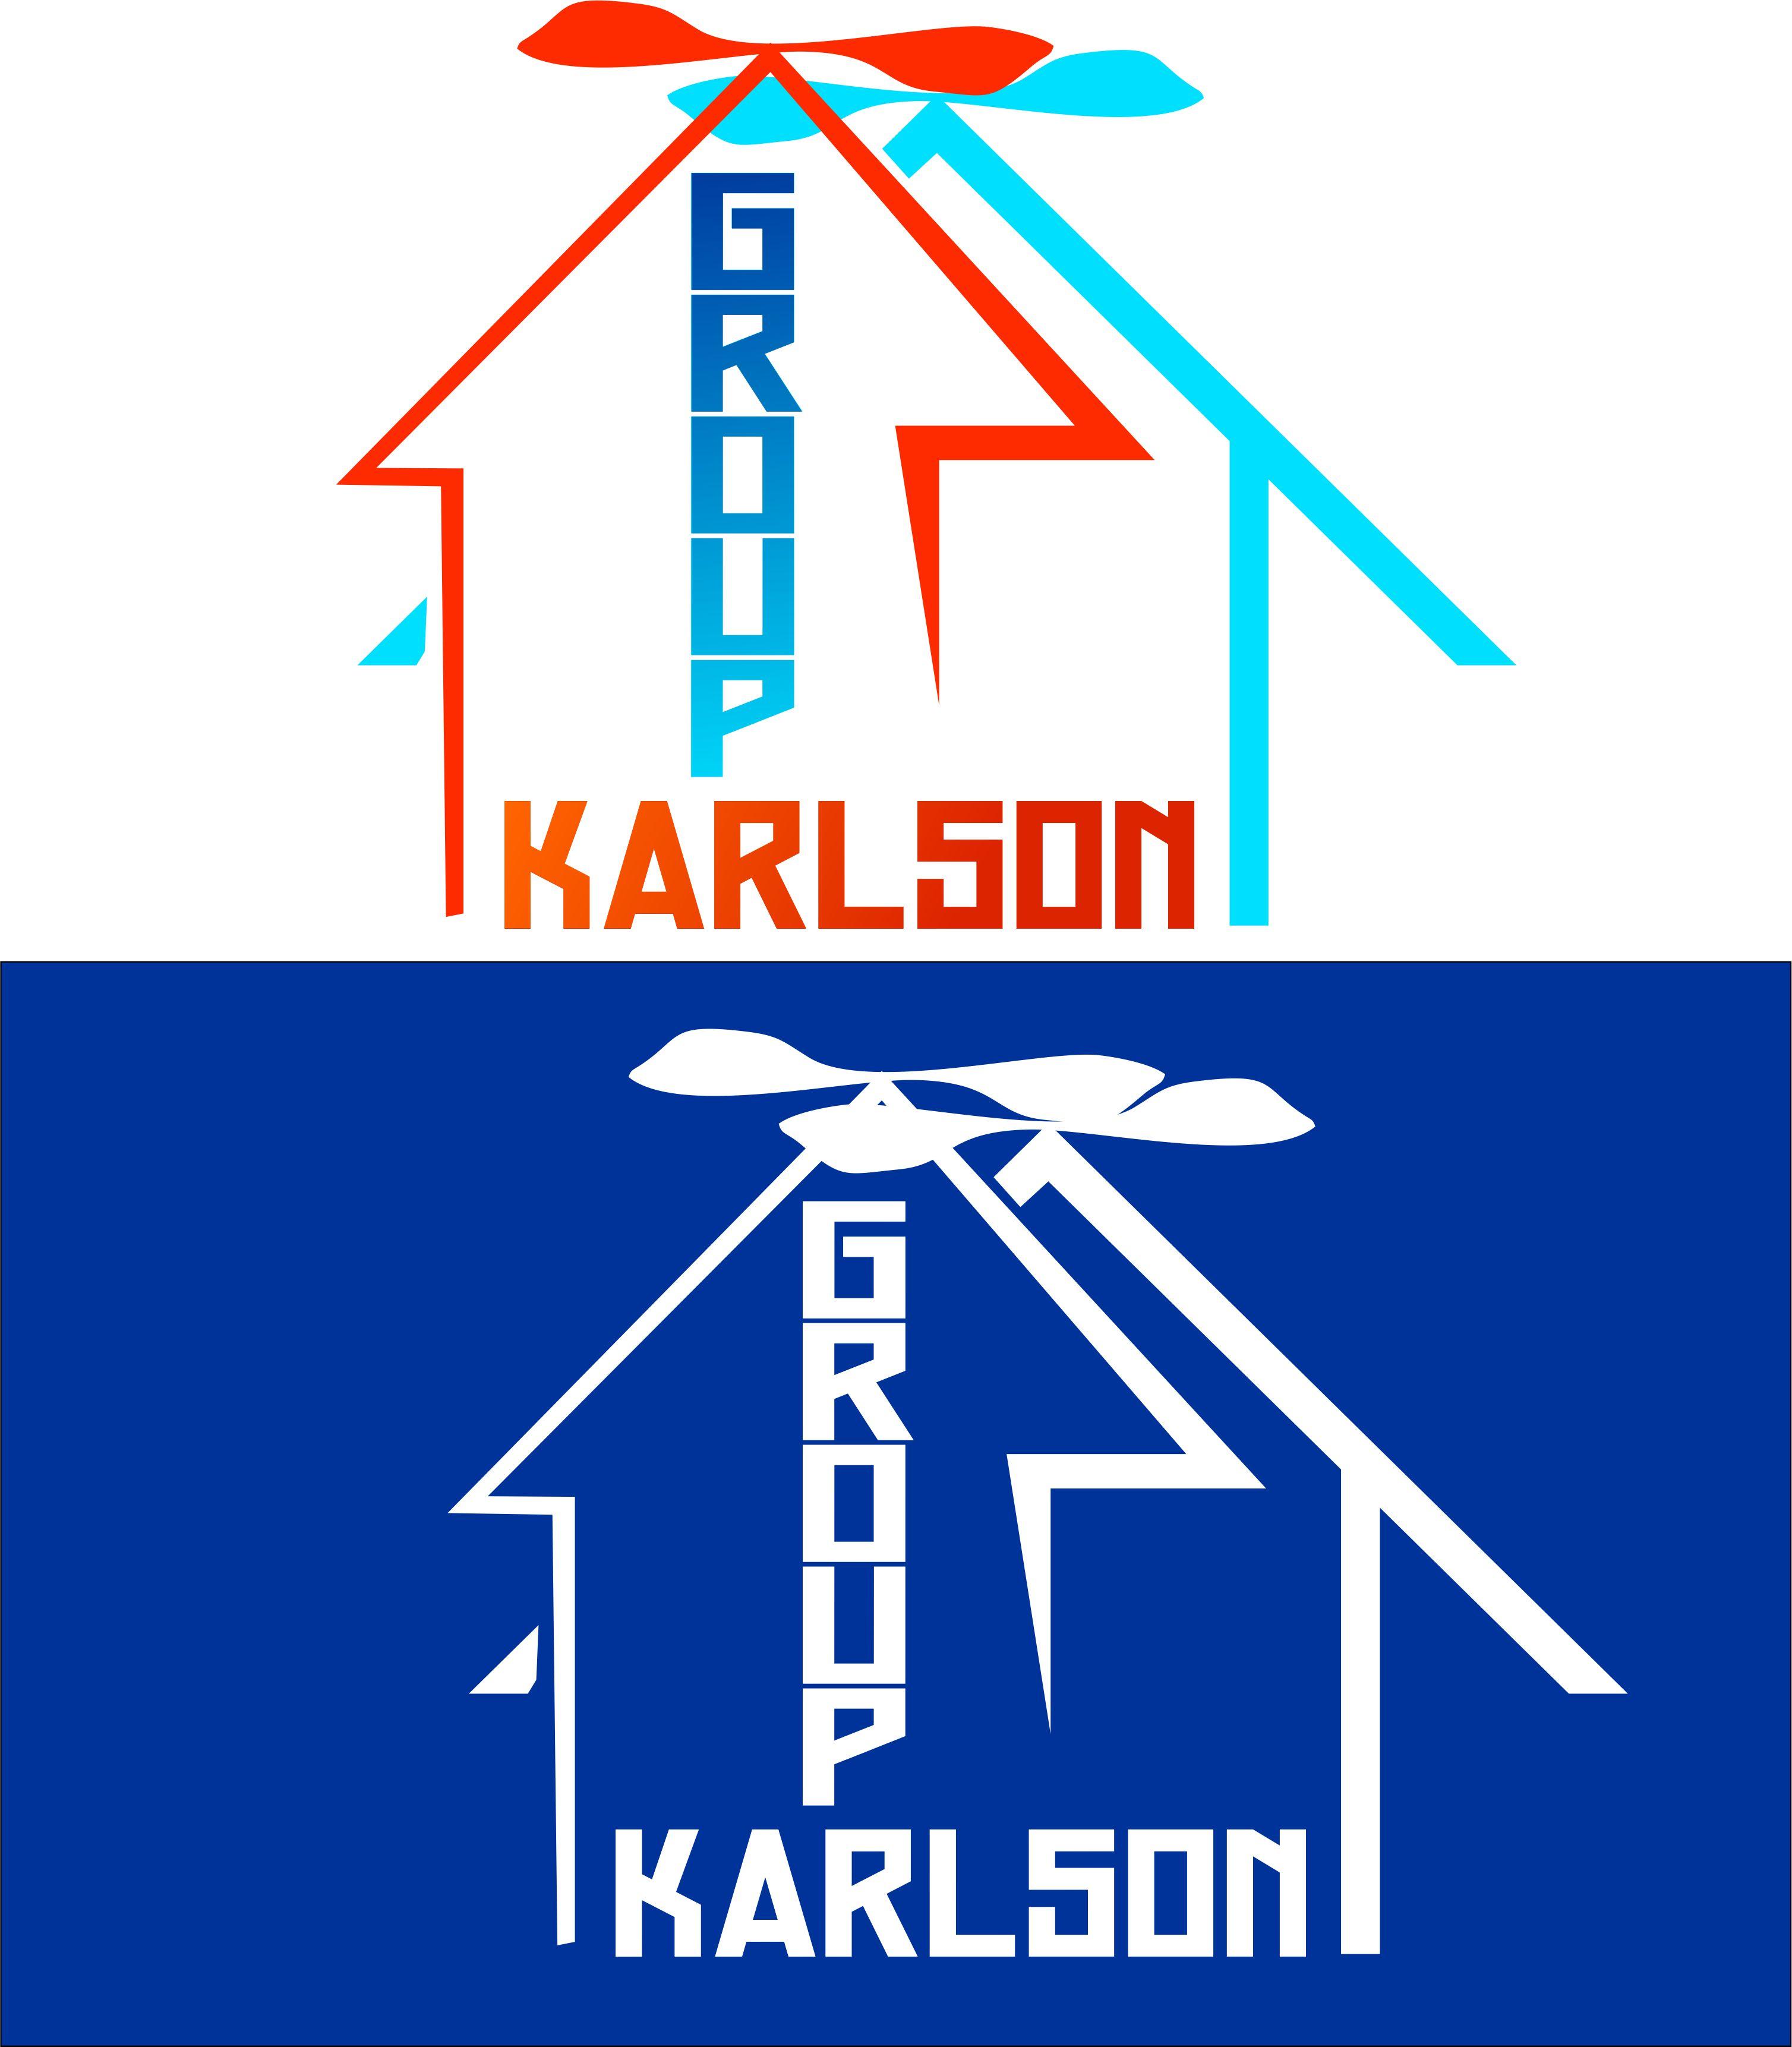 Придумать классный логотип фото f_397598a0b2244243.jpg